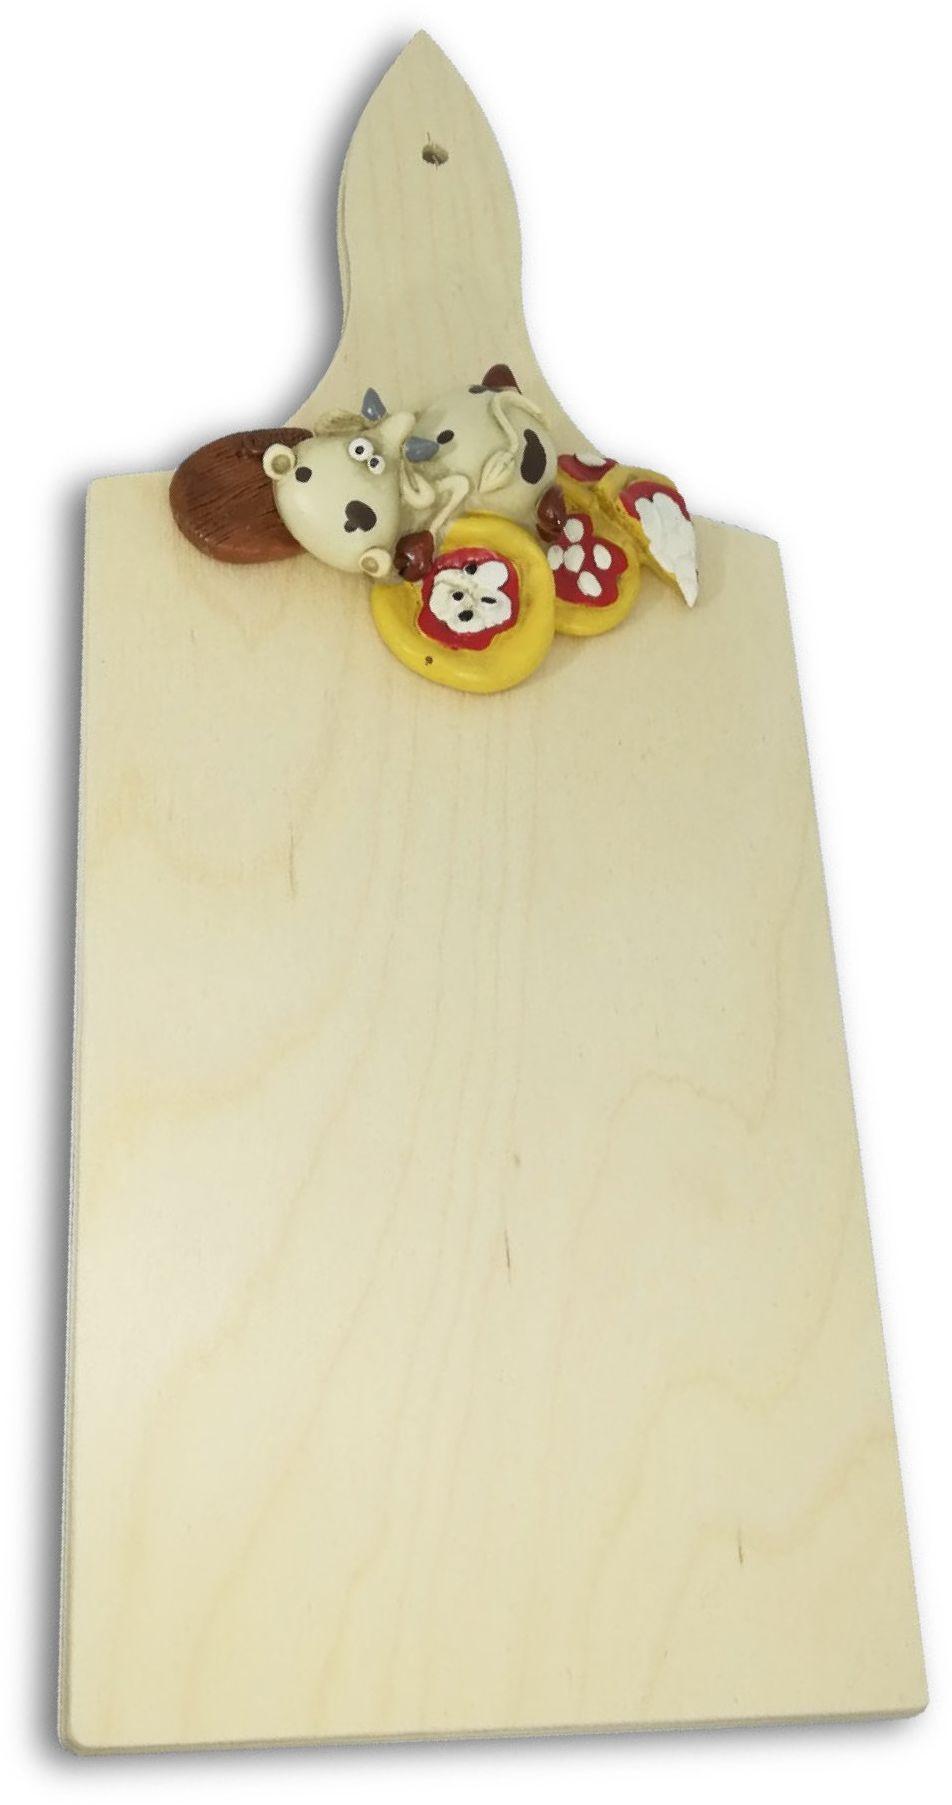 Paolo Chiari 14025T deska do krojenia Pizza Alice, drewno, wielokolorowa, 35 x 20 x 2 cm